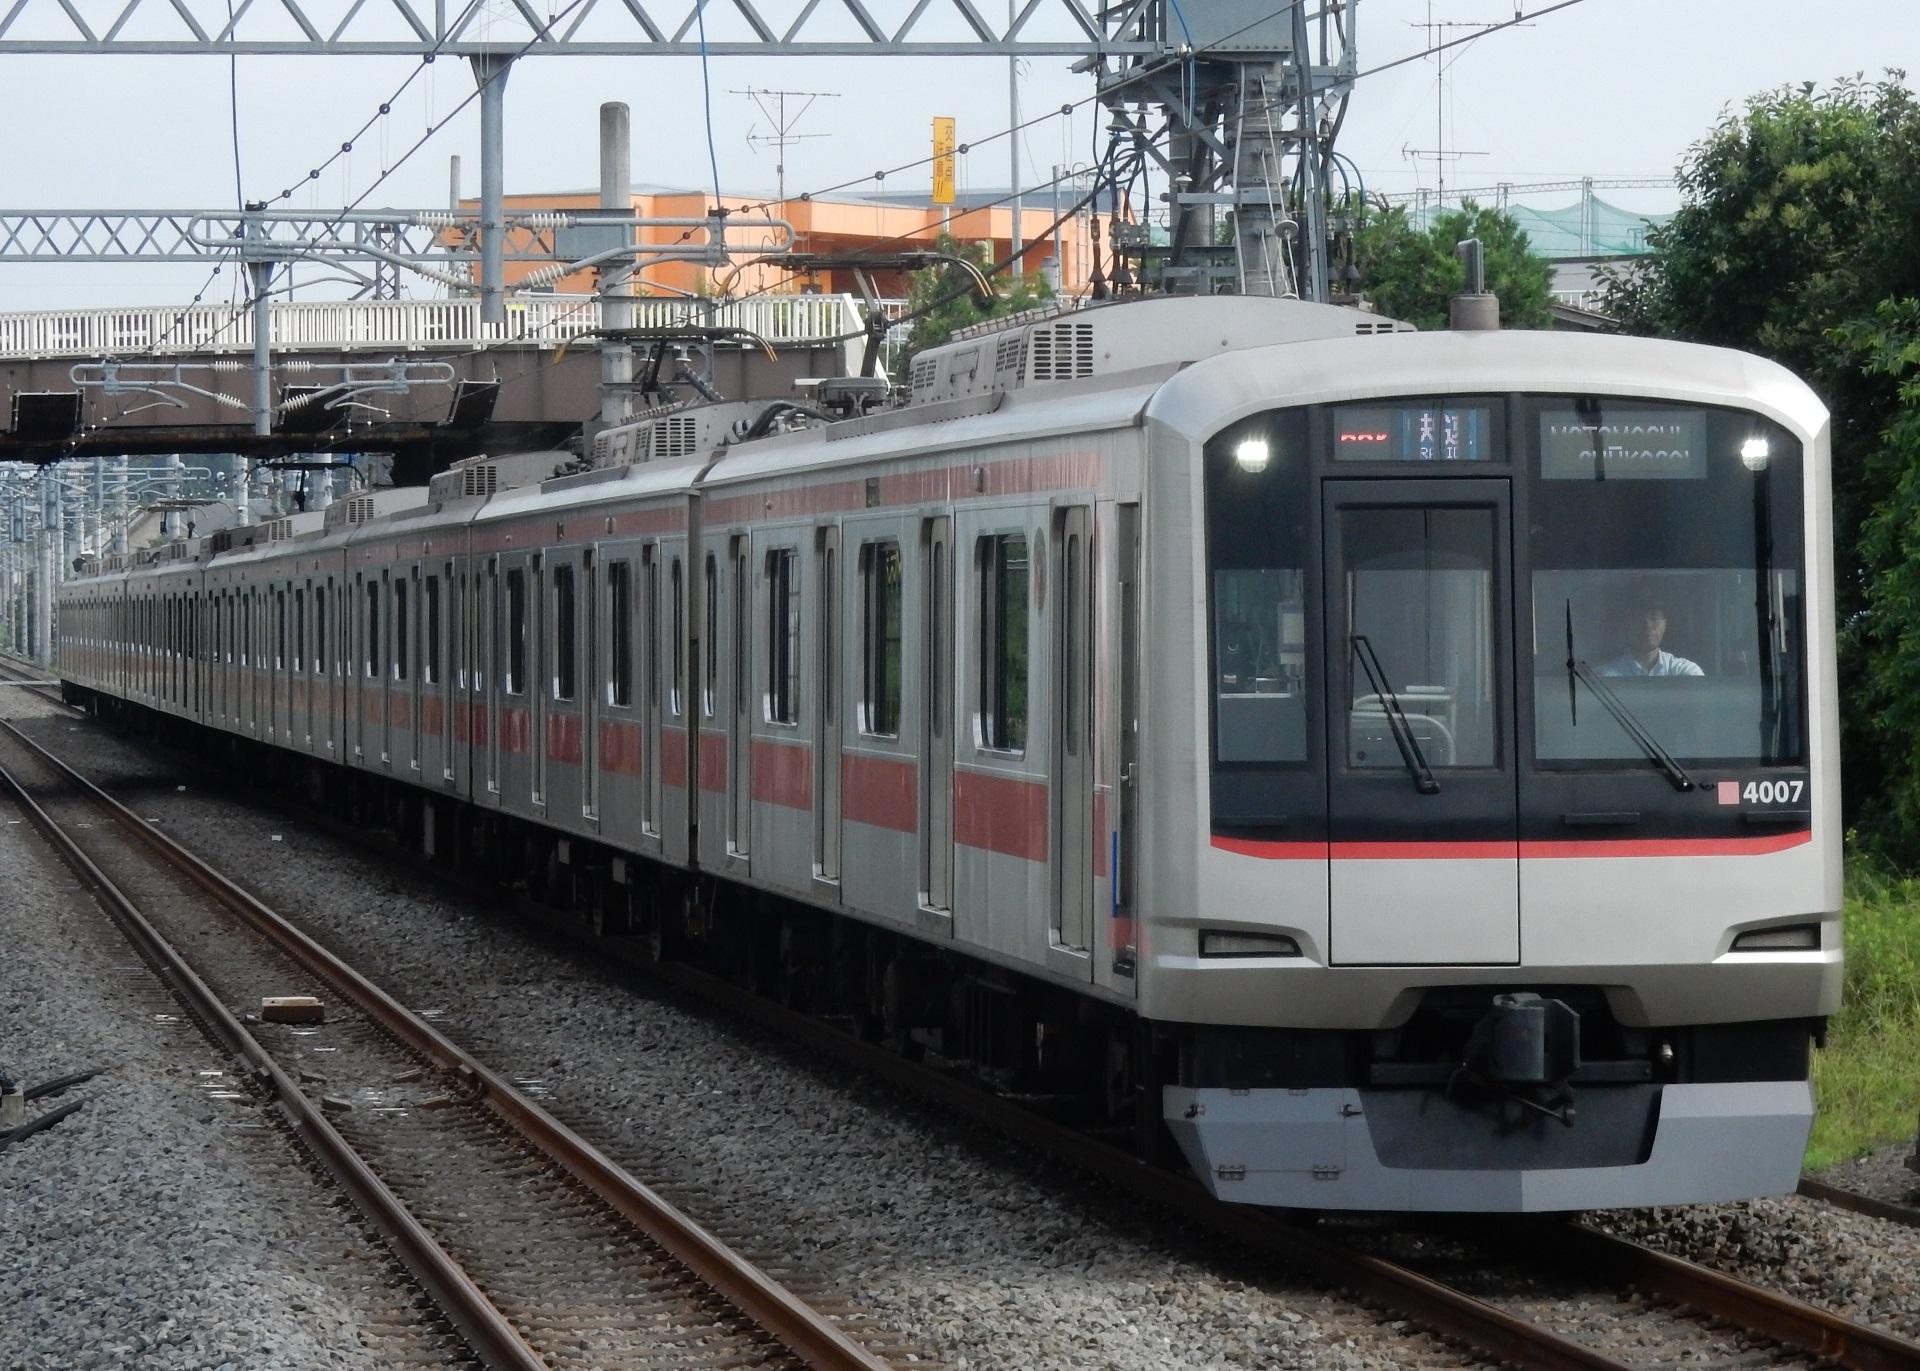 DSCN2604 - コピー